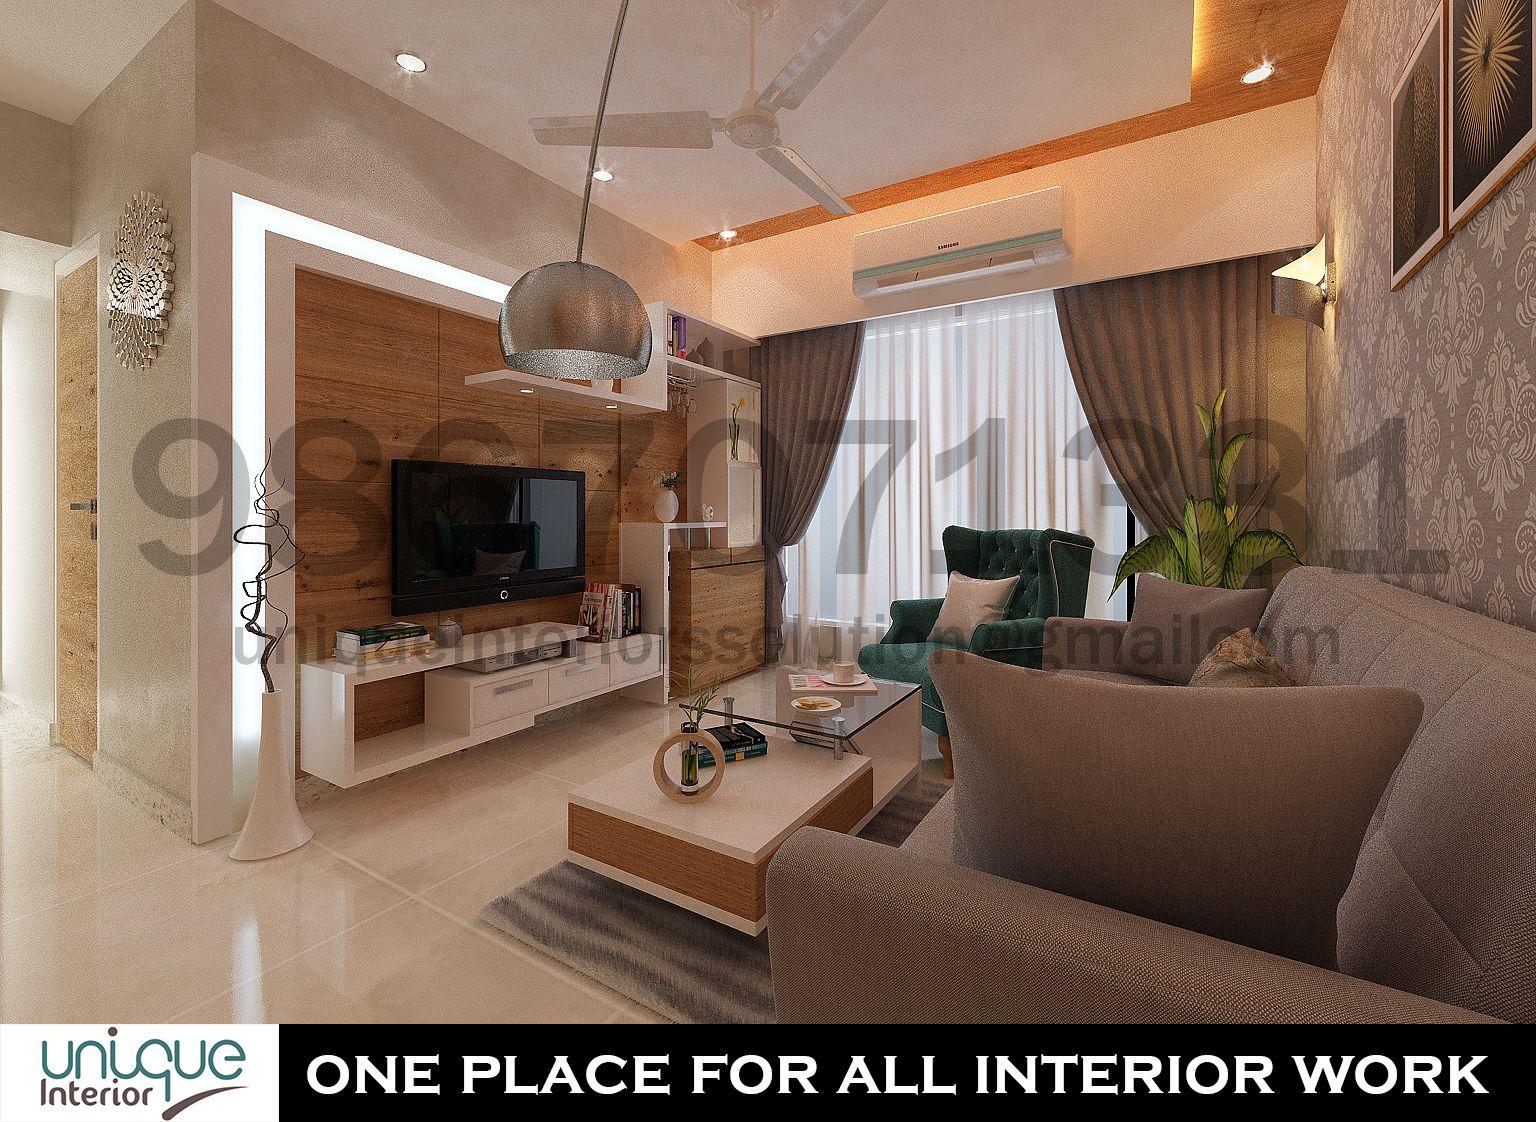 Sunteck City Avenue 1 In Jogeshwari West Mumbai In 2020 Interior Bungalow Interiors Living Room Decor Apartment